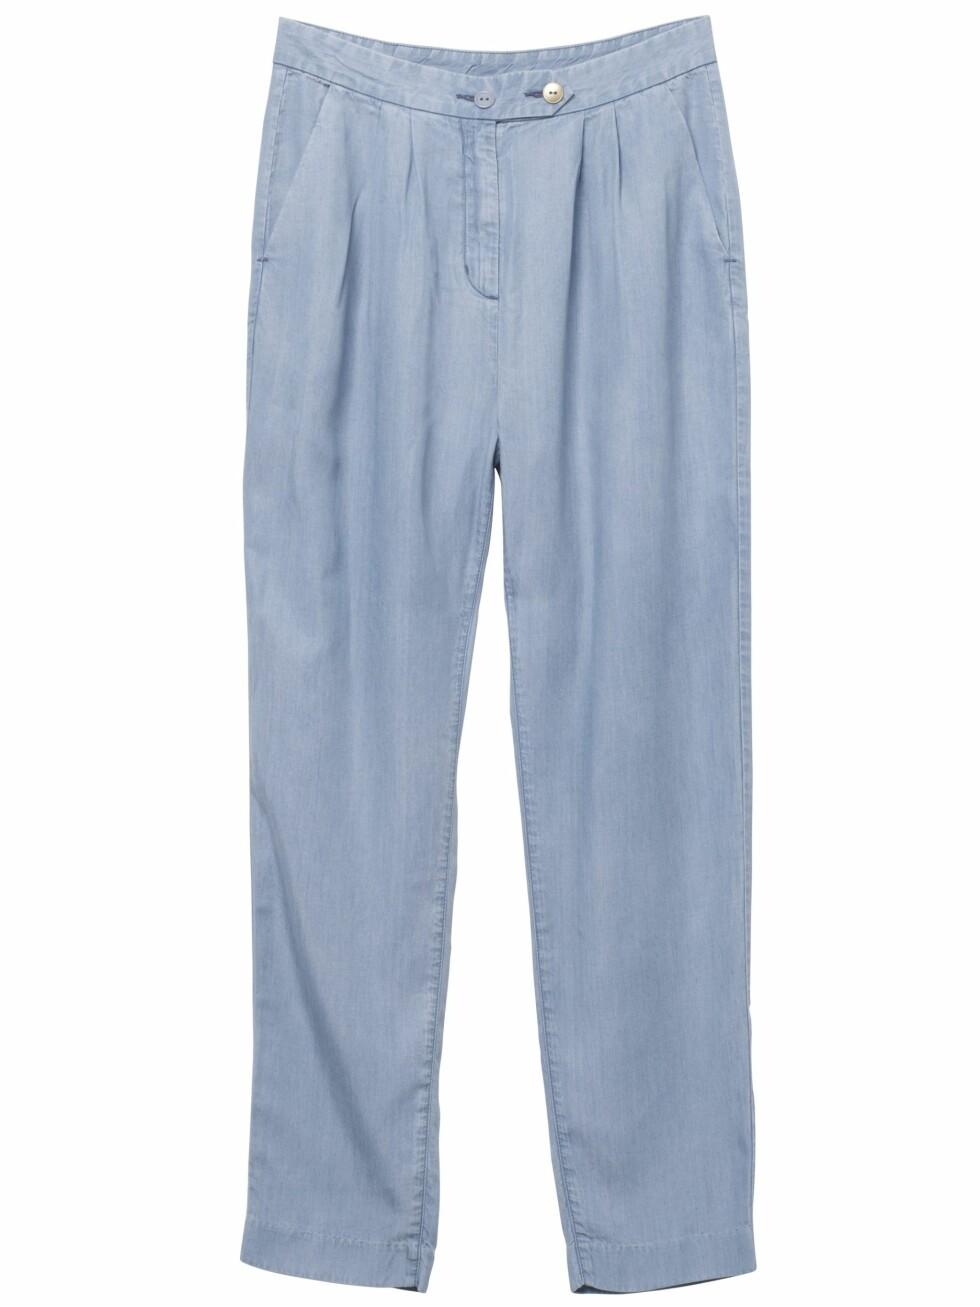 Vide bukser (kr 350, Monki). Foto: Produsenten